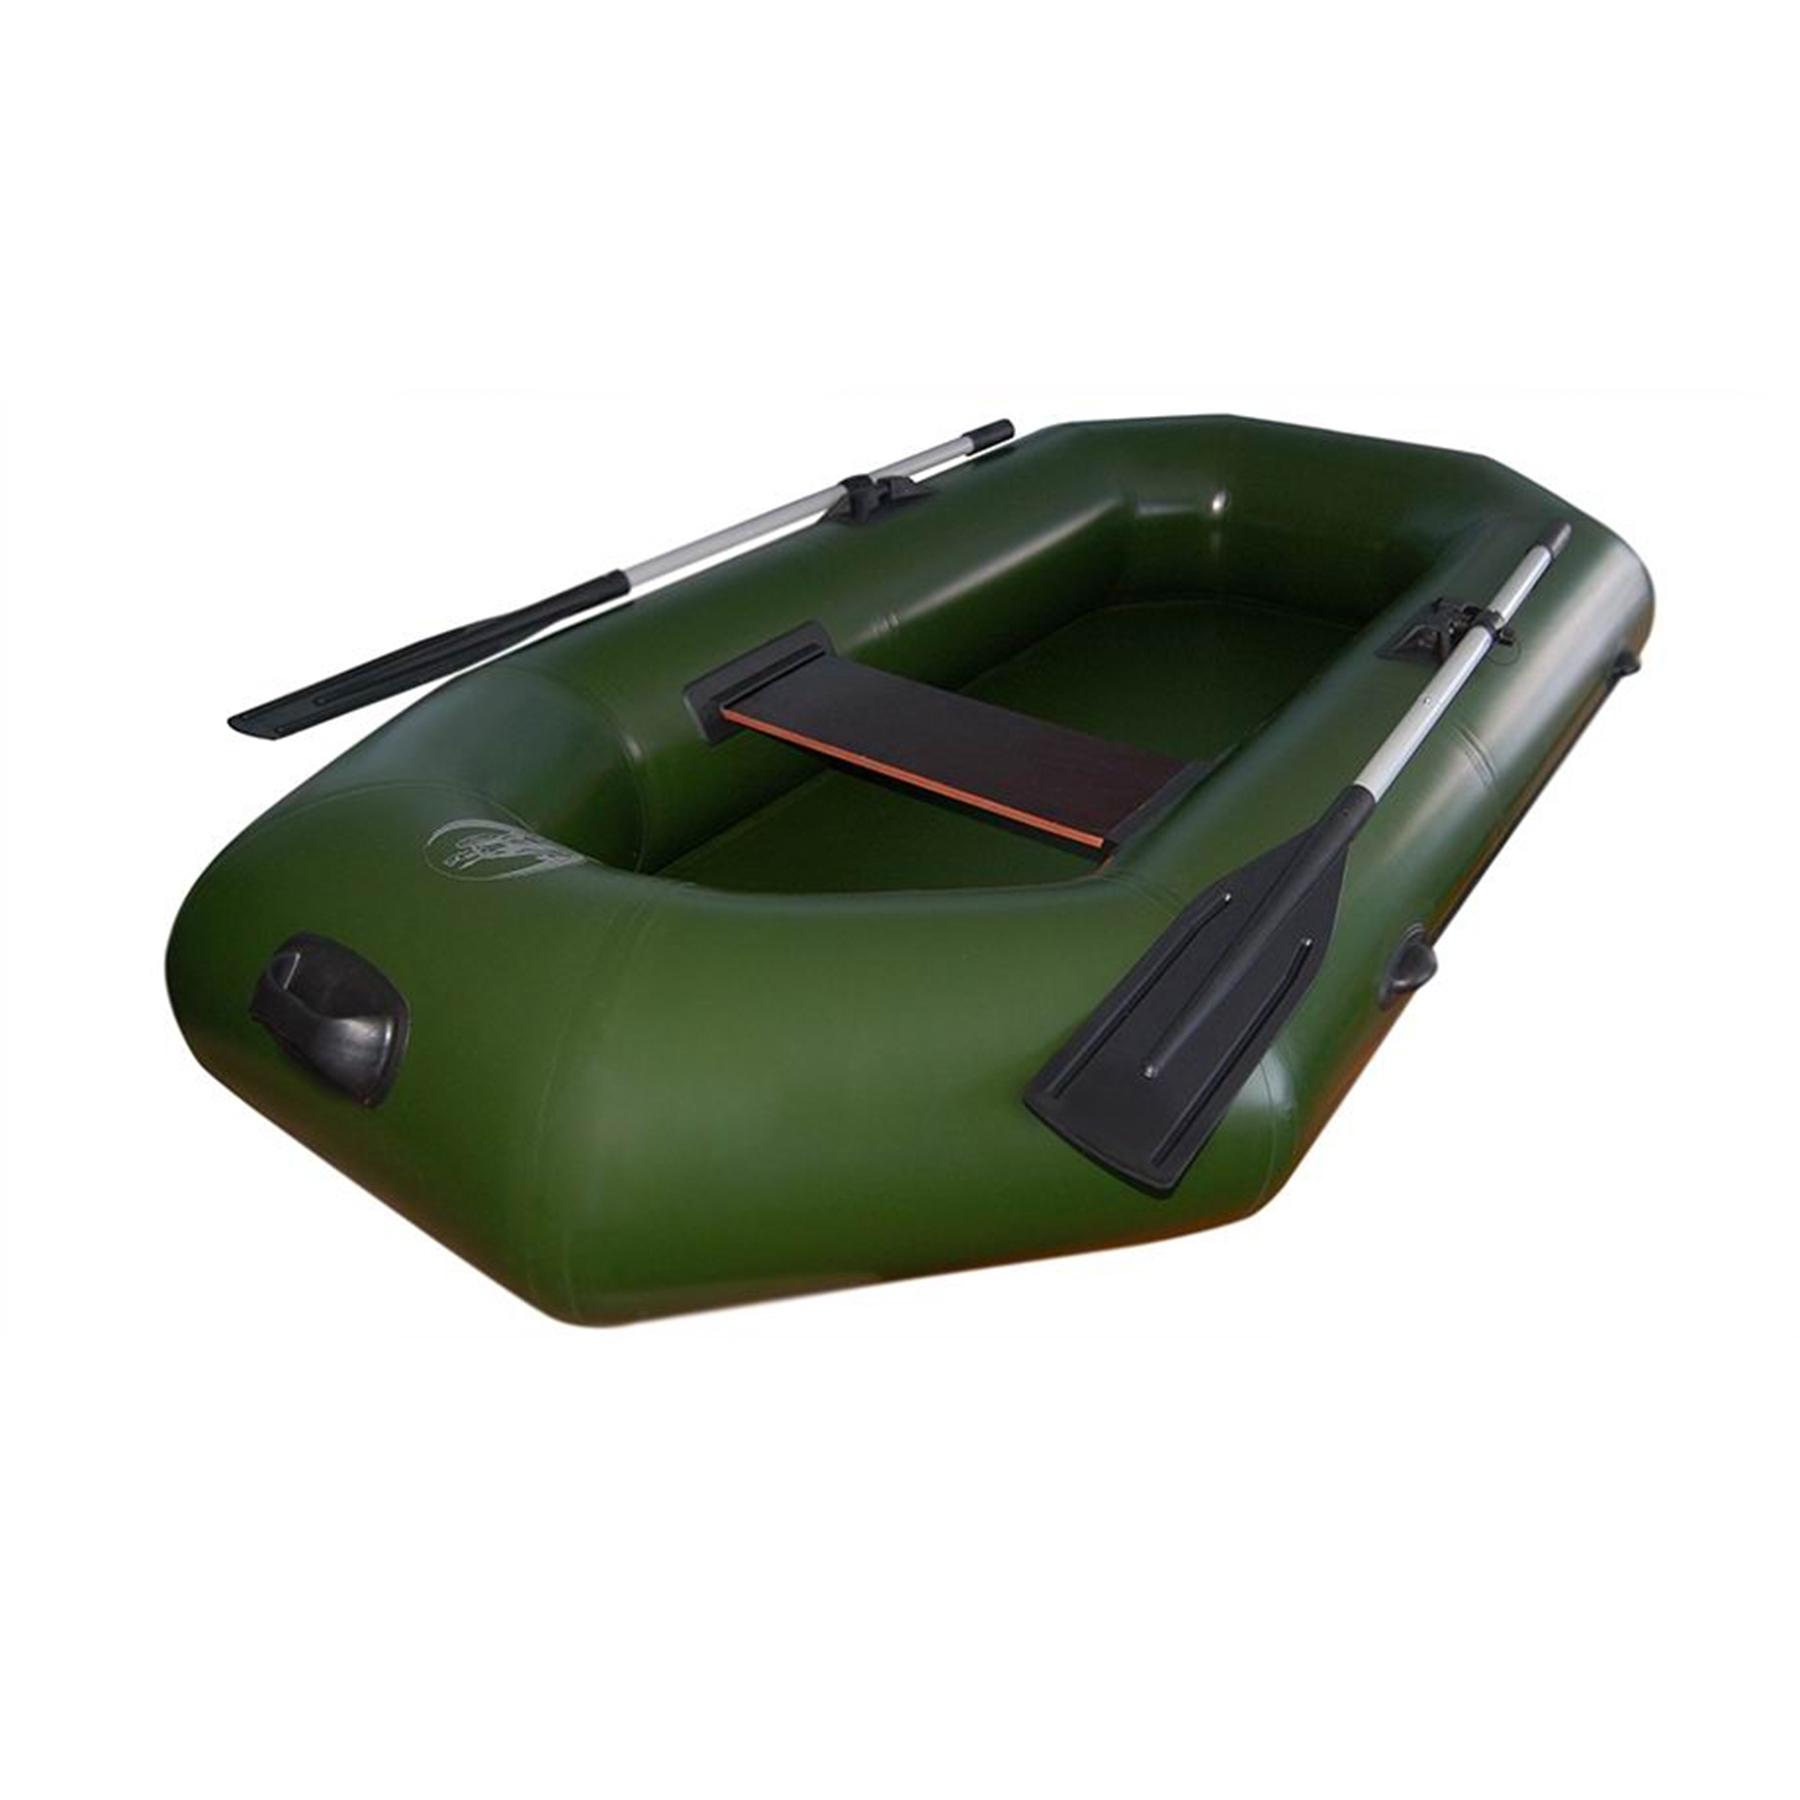 Лодка Олимп - 205 (200*110см, гр.под.160 кг,2отс.,8 кг,ж.сид.,весла)